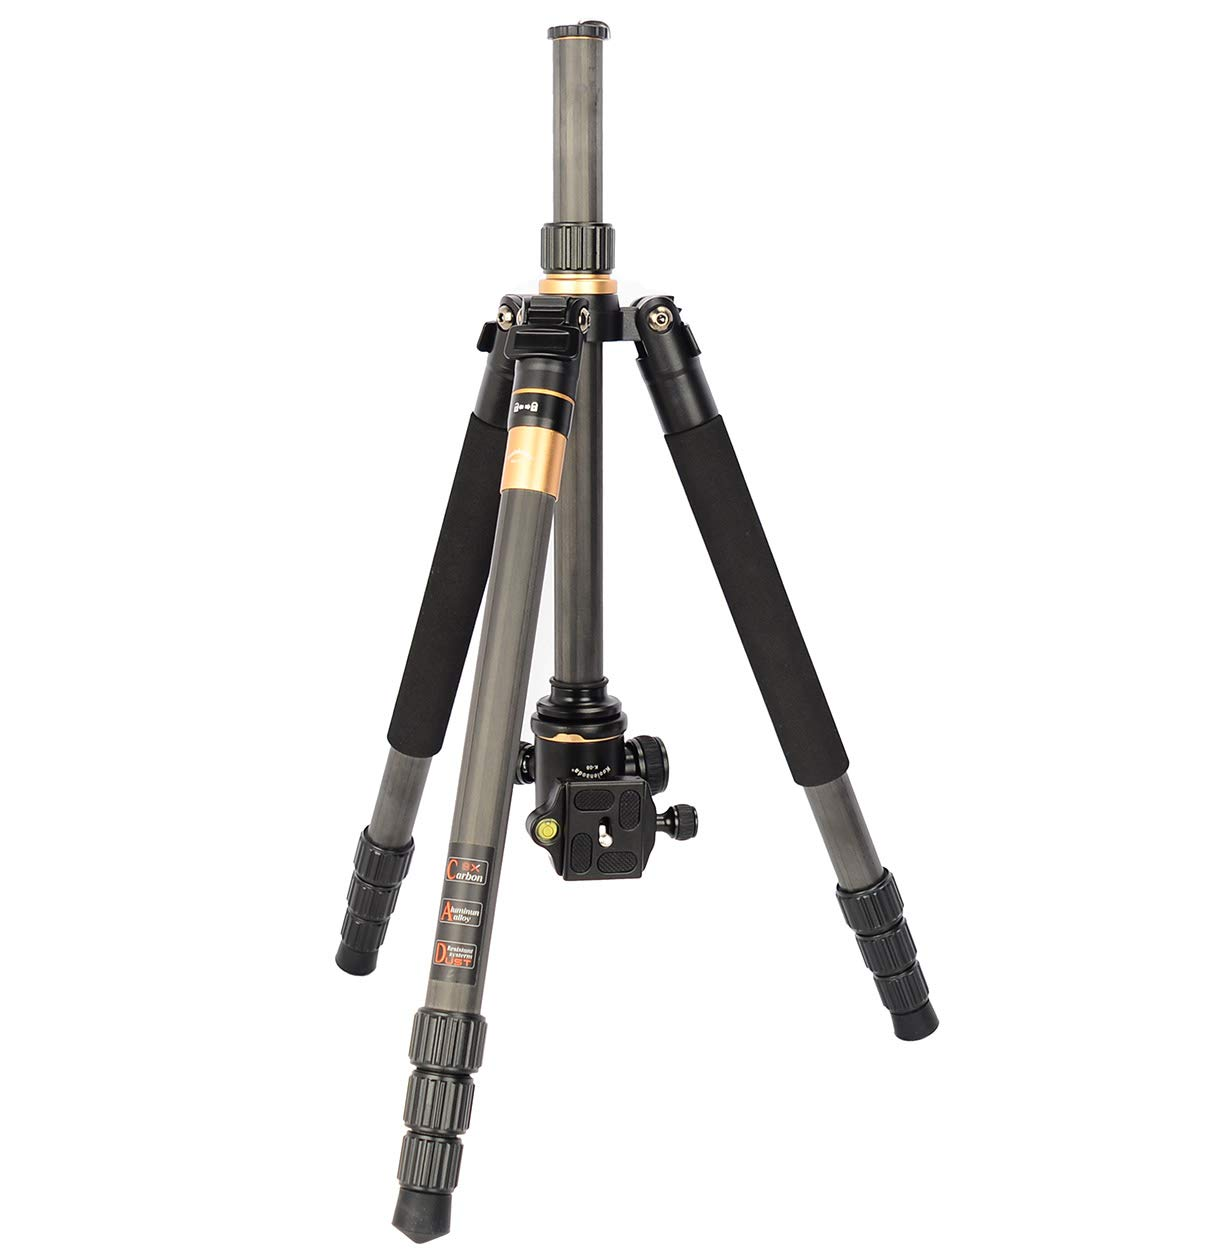 KQ-999 Peso ligero s/ólo 1.12KG Koolehaoda 55  C/ámara tr/ípode monopie con Ballhead para /C/ámara r/éflex digital